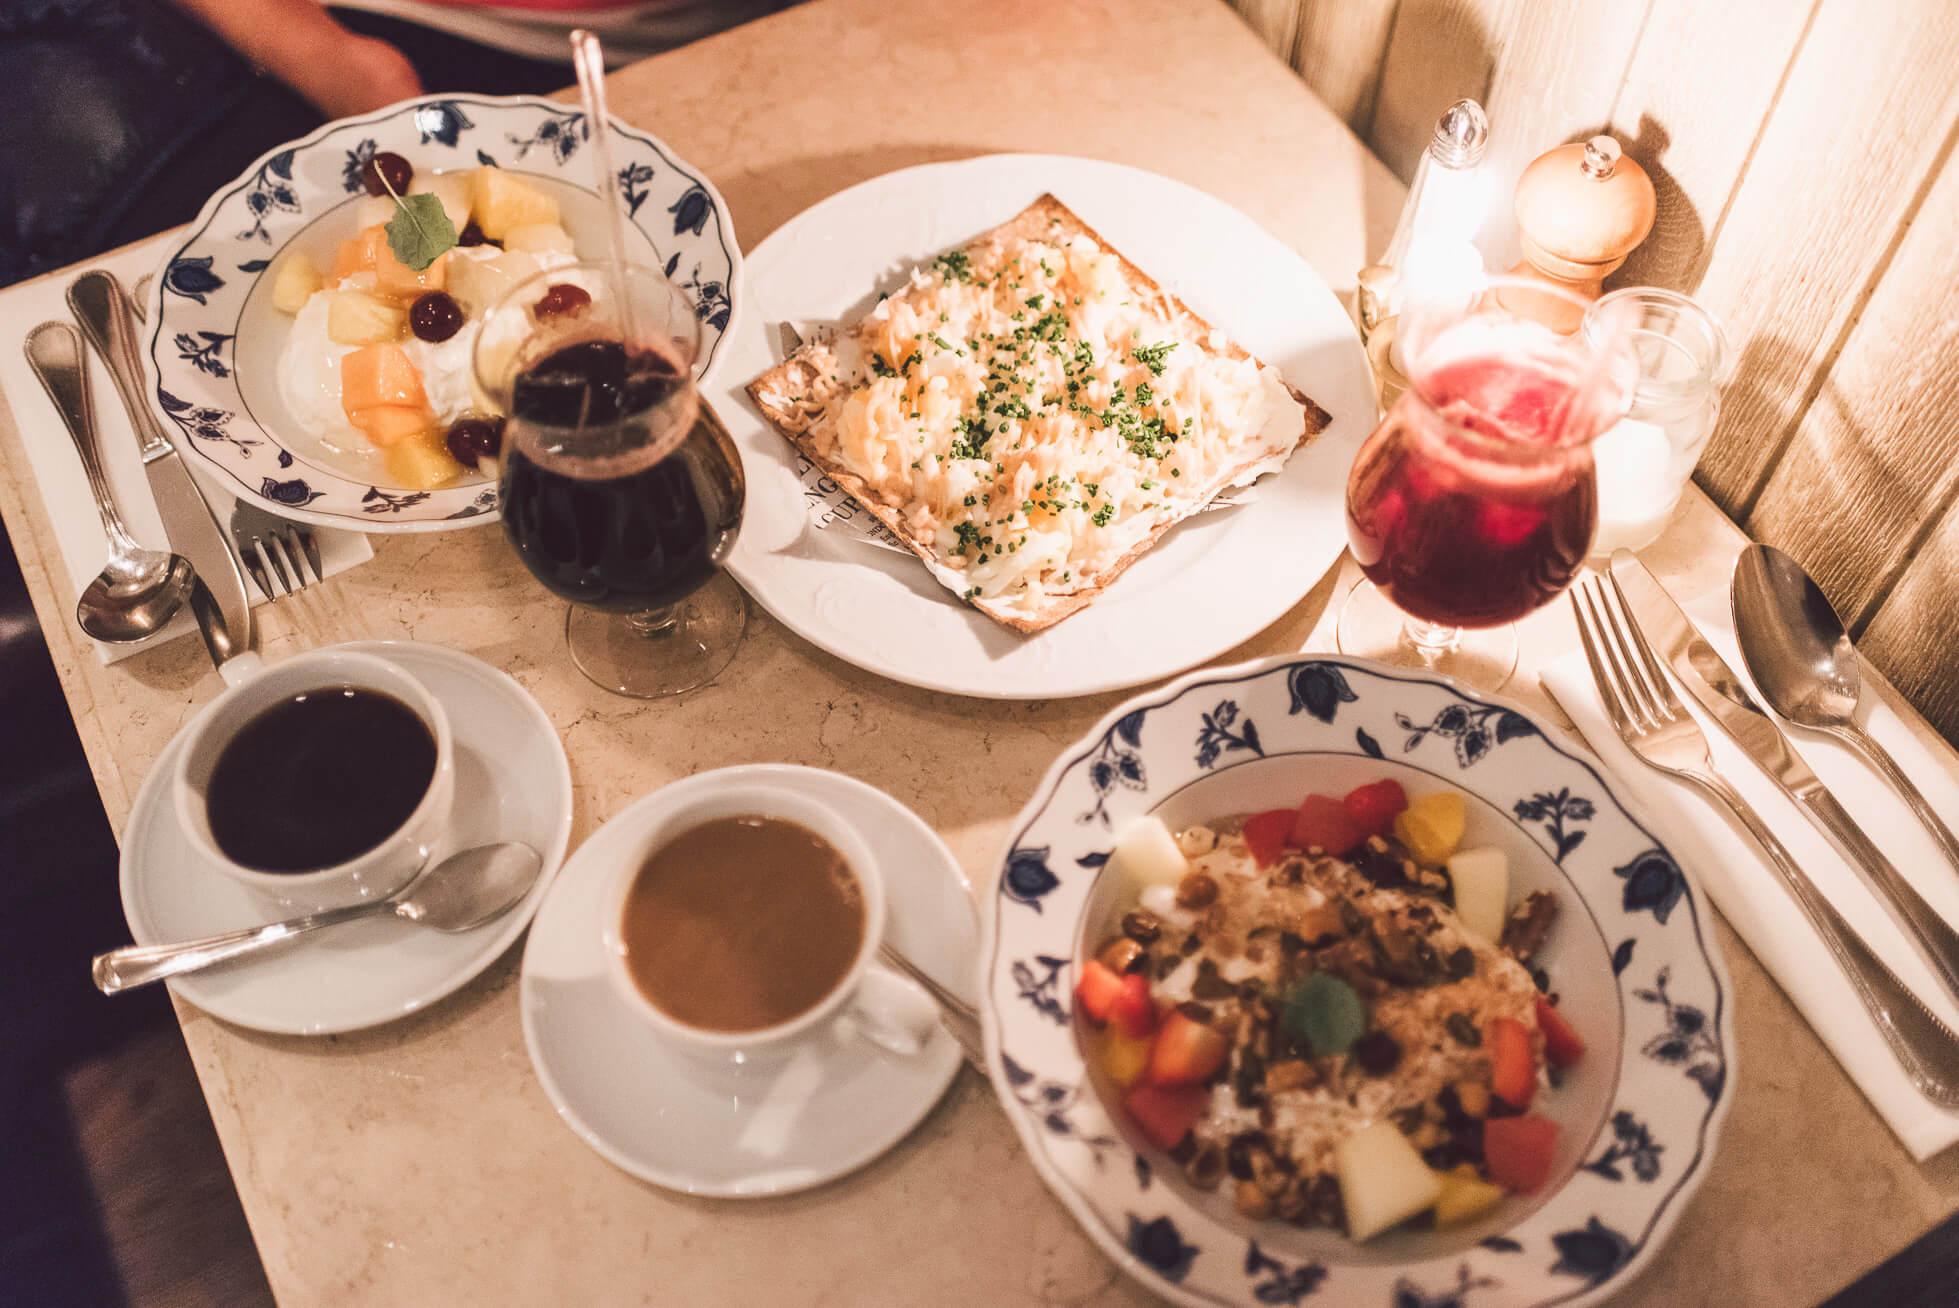 janni-deler-breakfast-dateDSC_6581